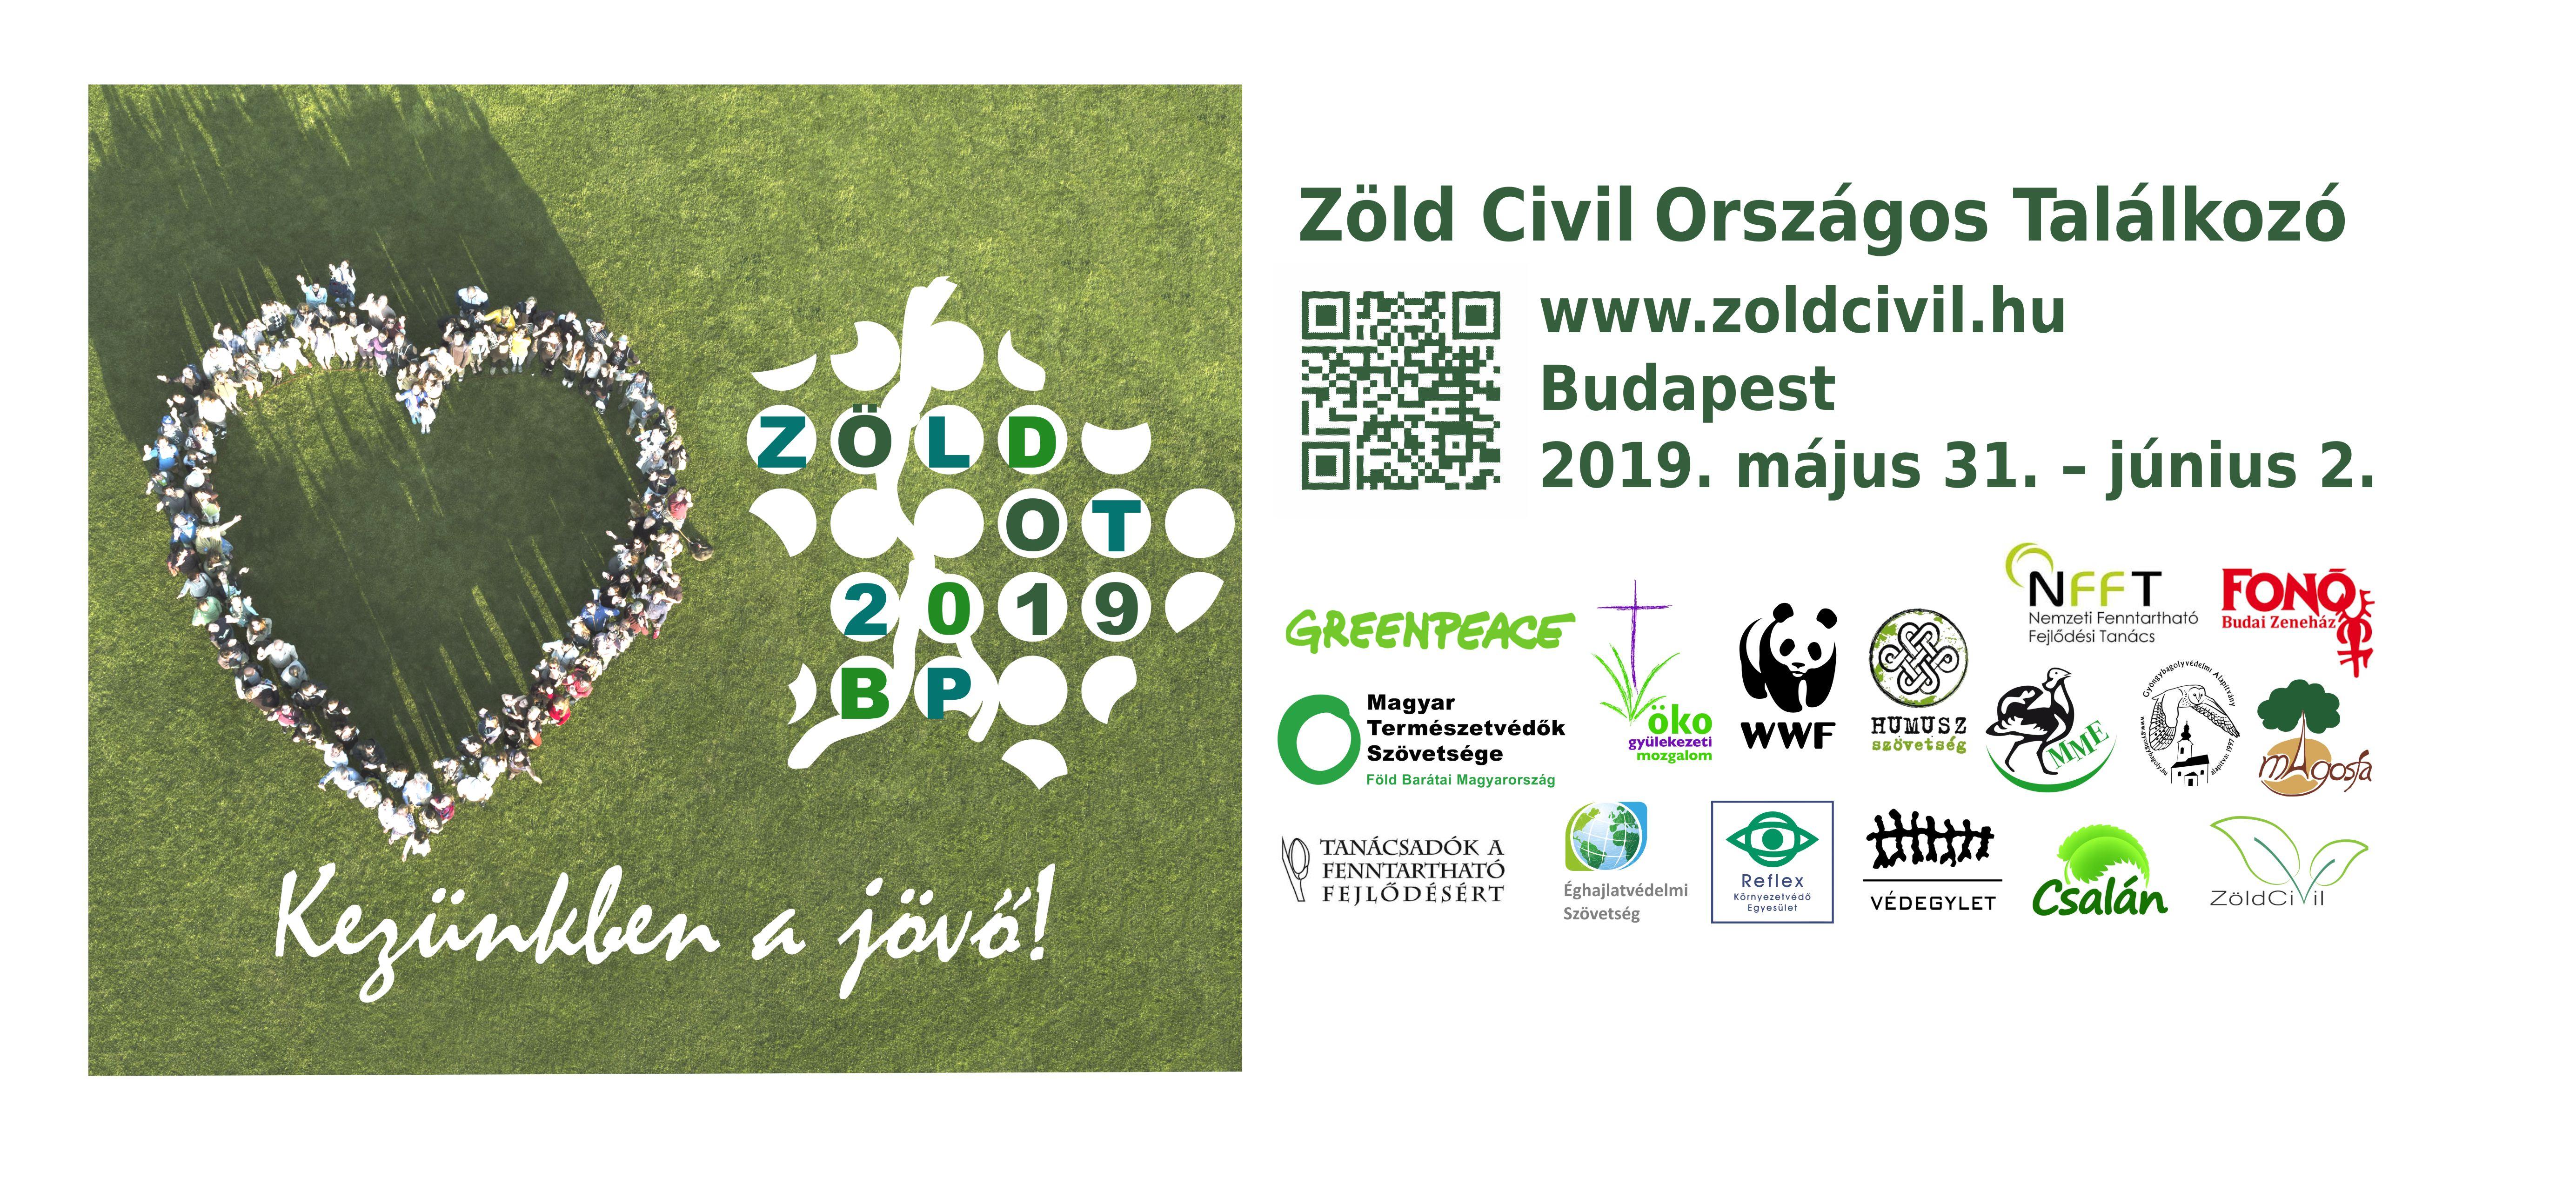 Réunion De Collaboration en hongrois